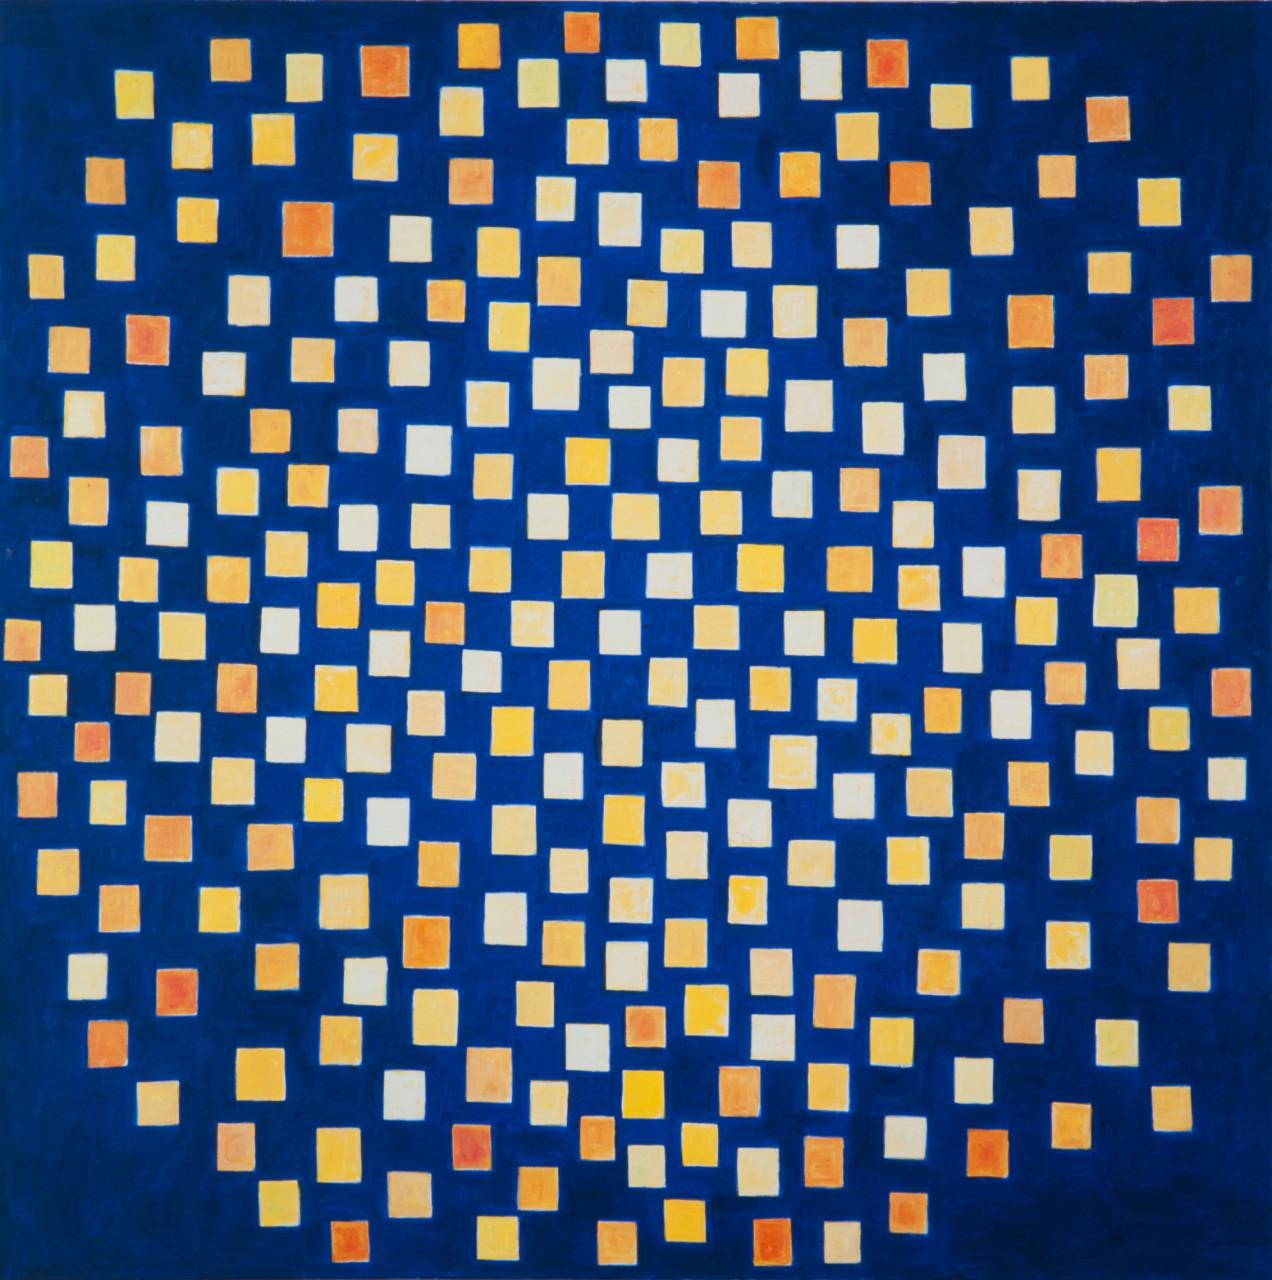 Sternenhimmel 1998 Mischtechnik auf Leinwand 150x150cm